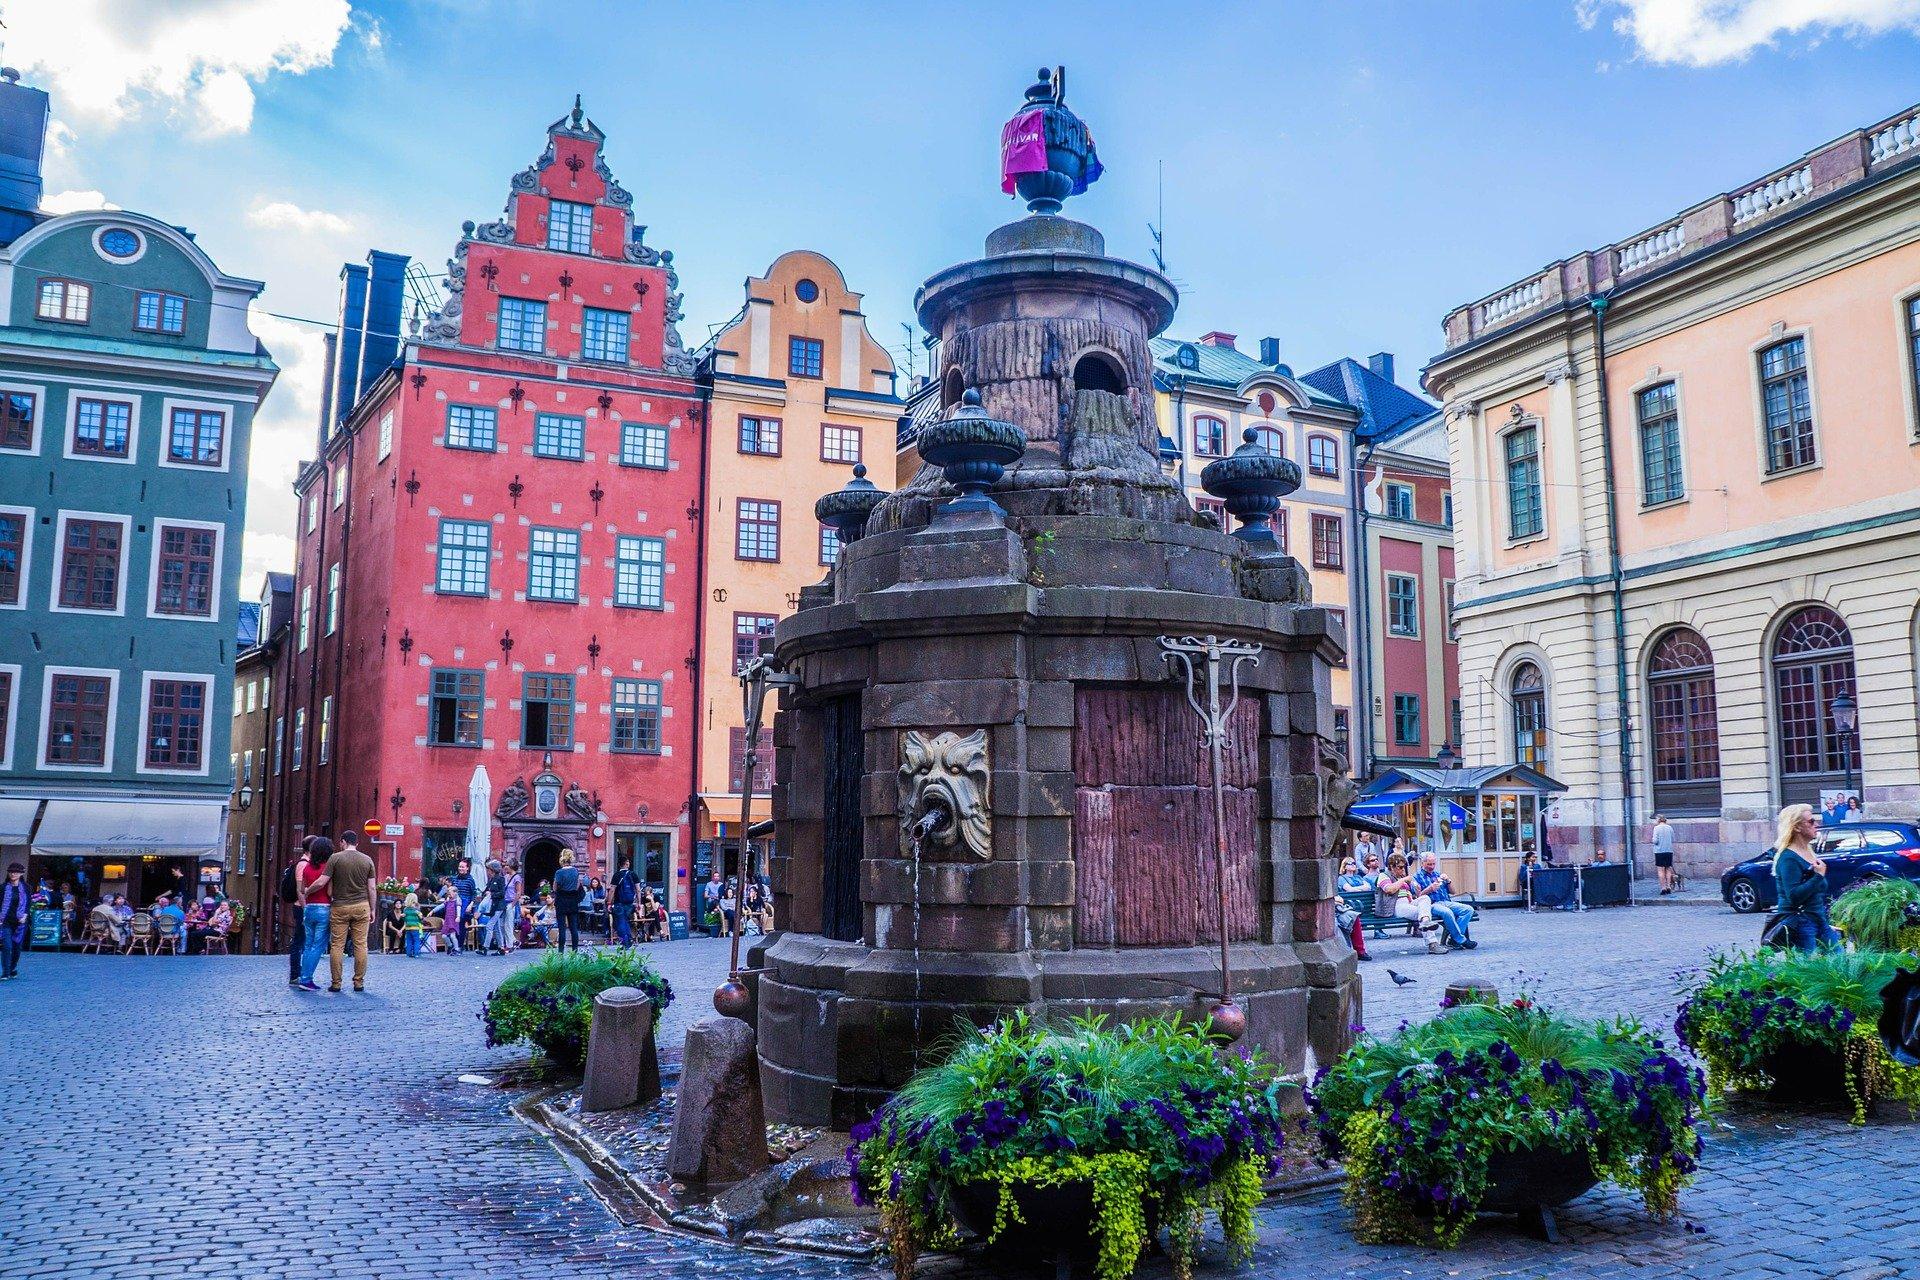 хельсинки красивые места с фото неделю наблюдаю положительную